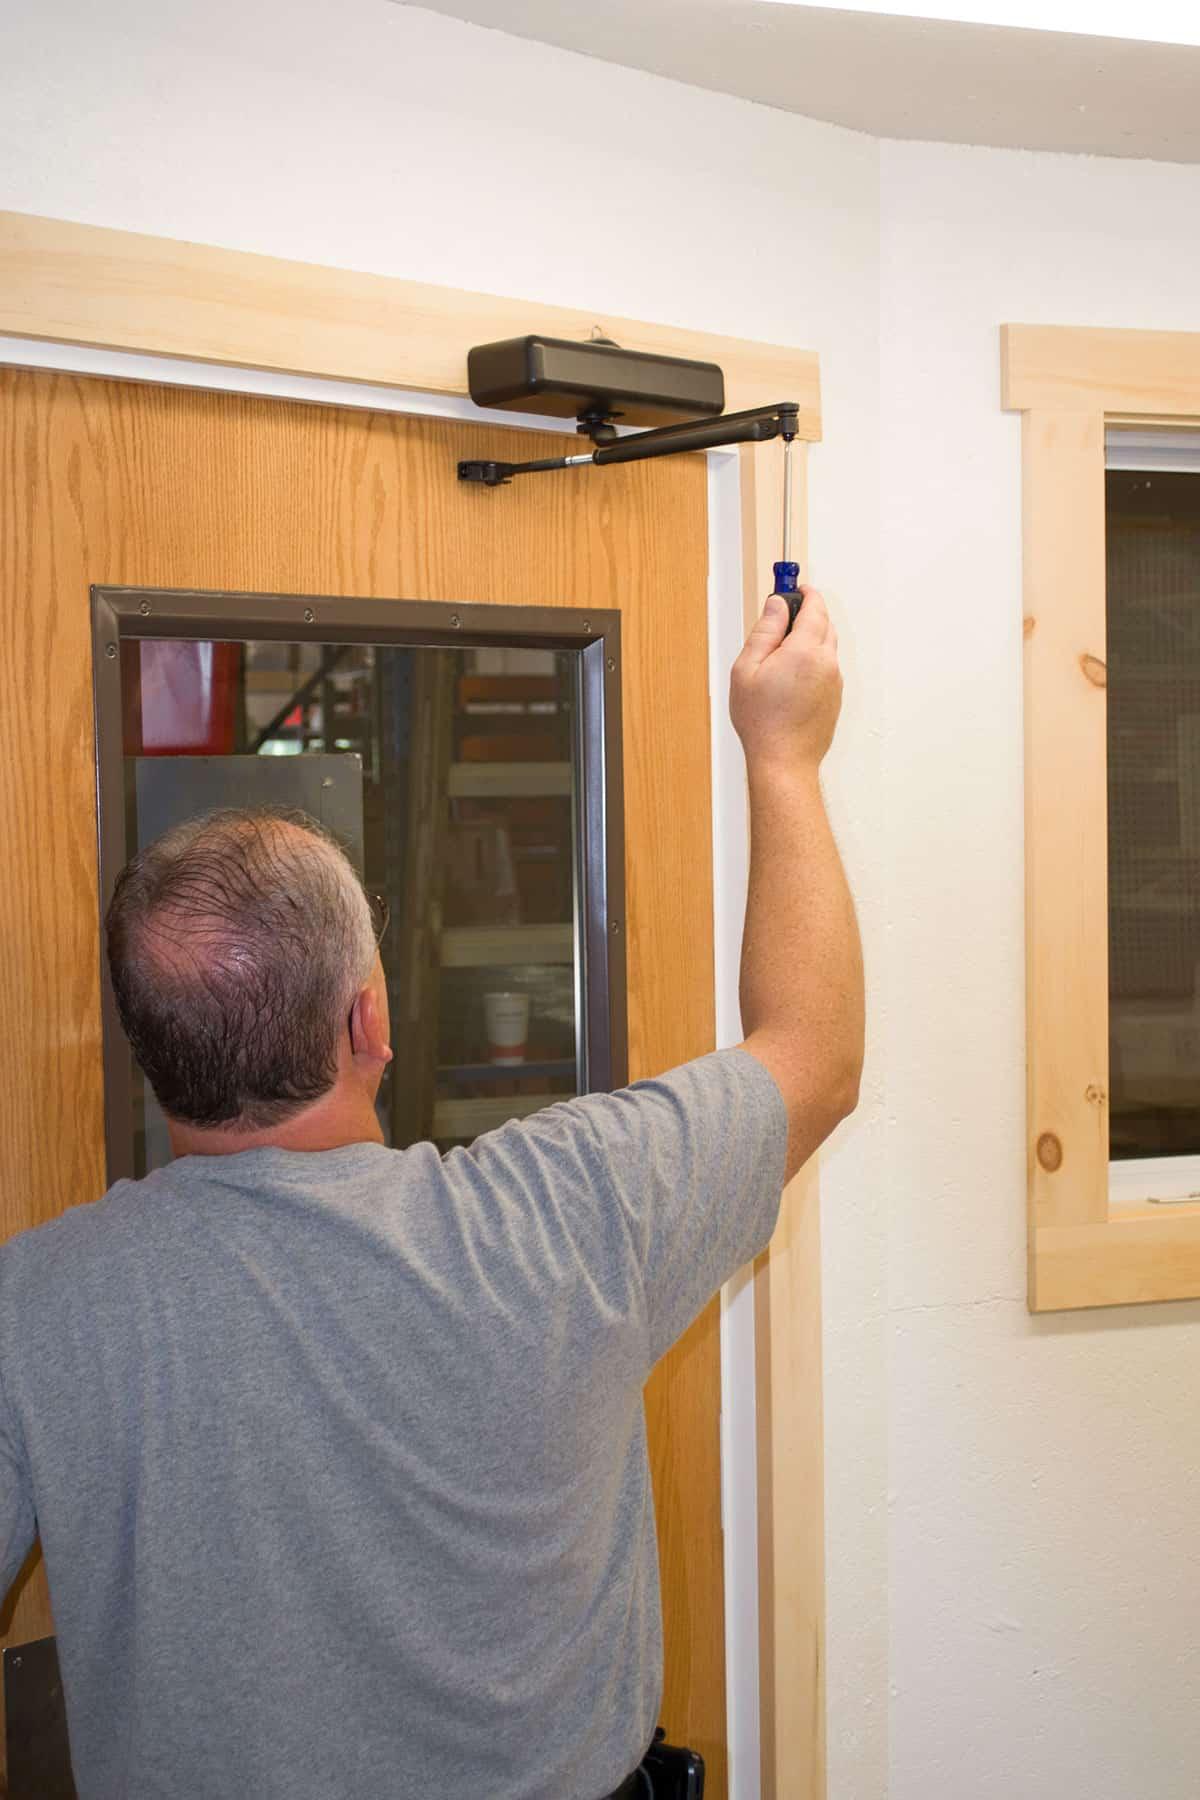 preventative maintenance on commercial locks